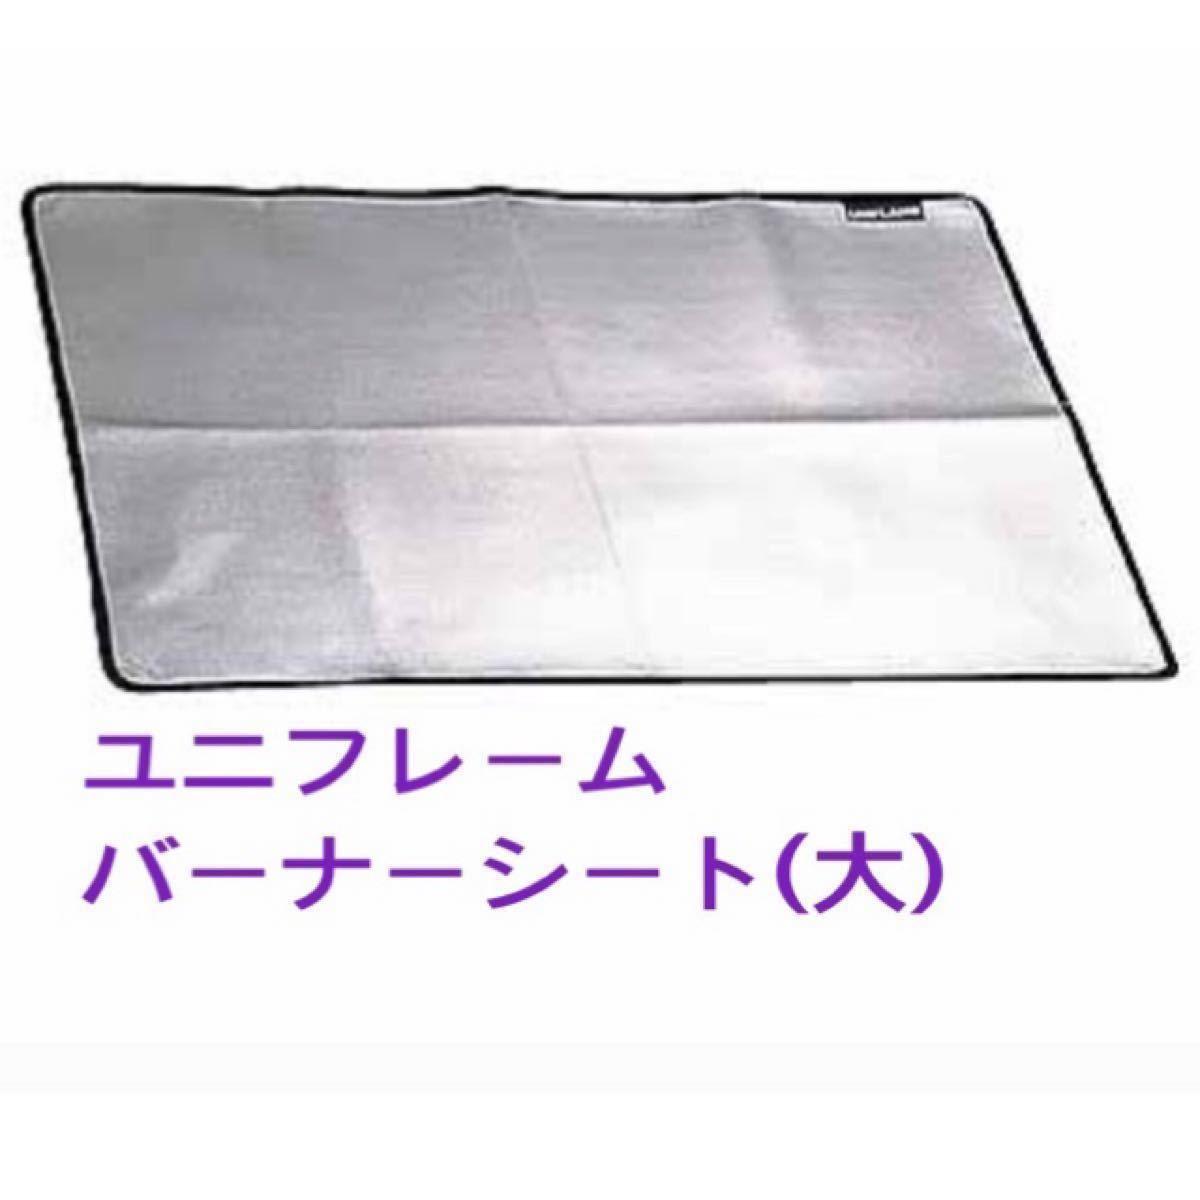 ユニフレーム UNIFLAME バーナーシート(大) 610657 日本製 新品未開封